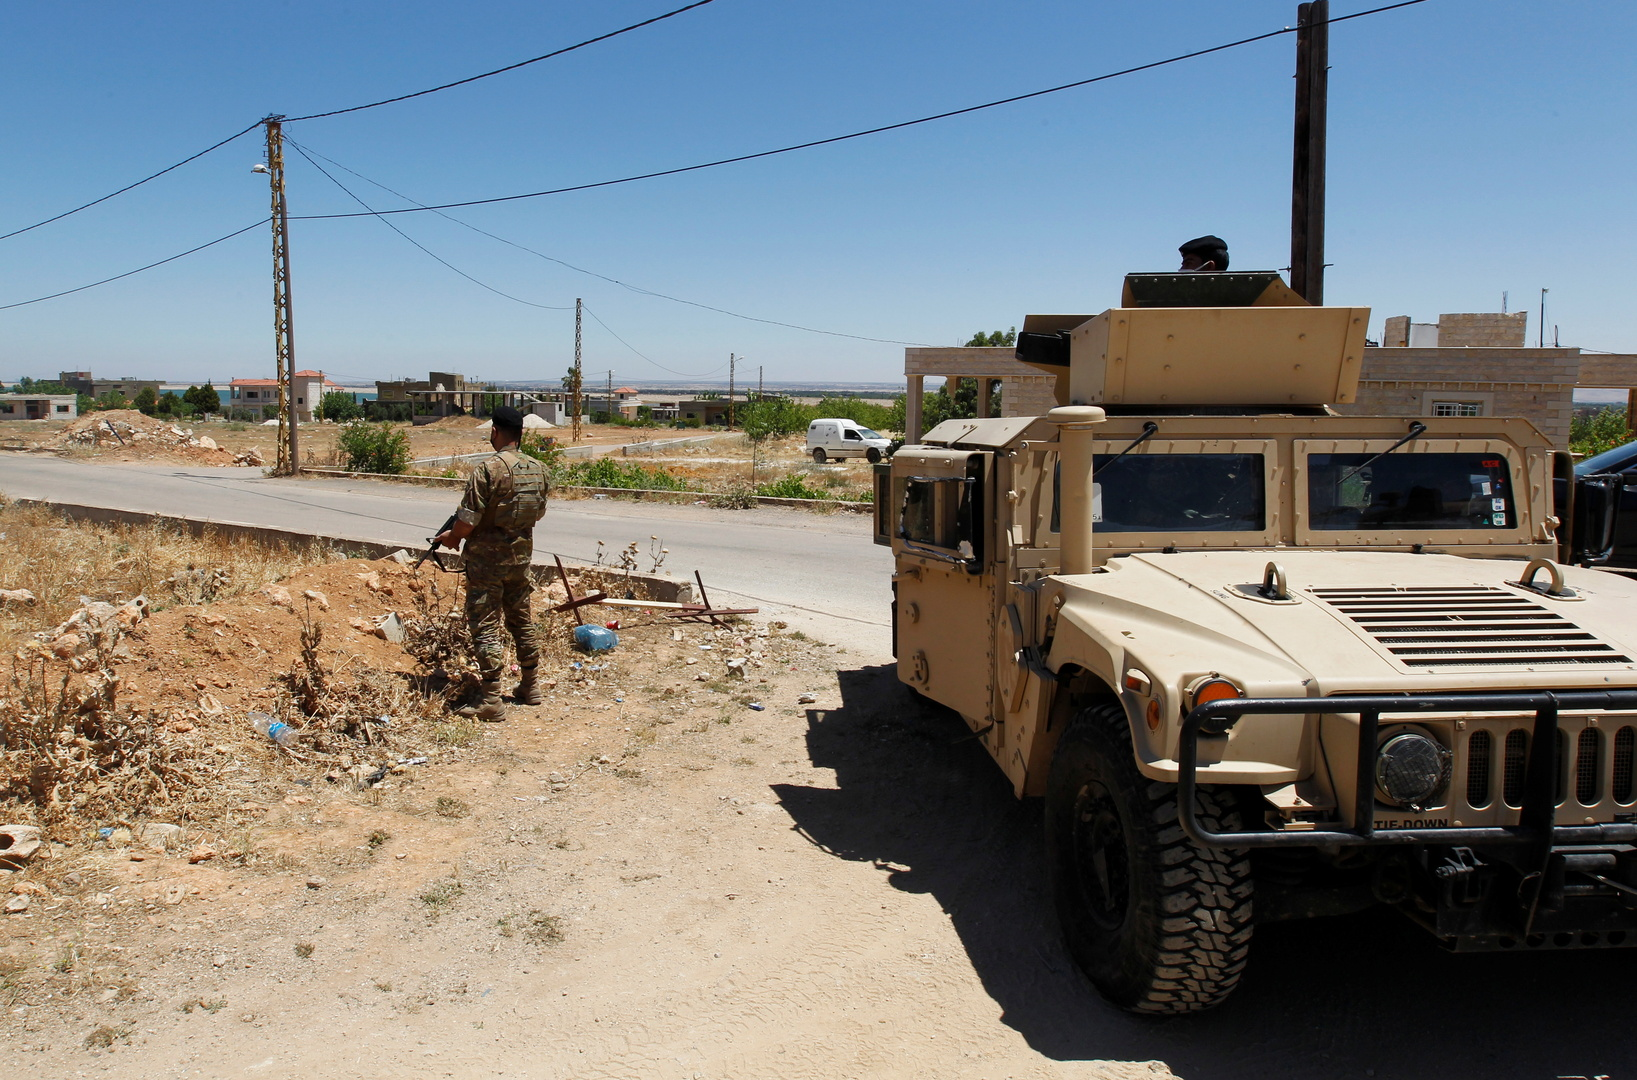 عناصر وآلية تابعة للجيش اللبناني